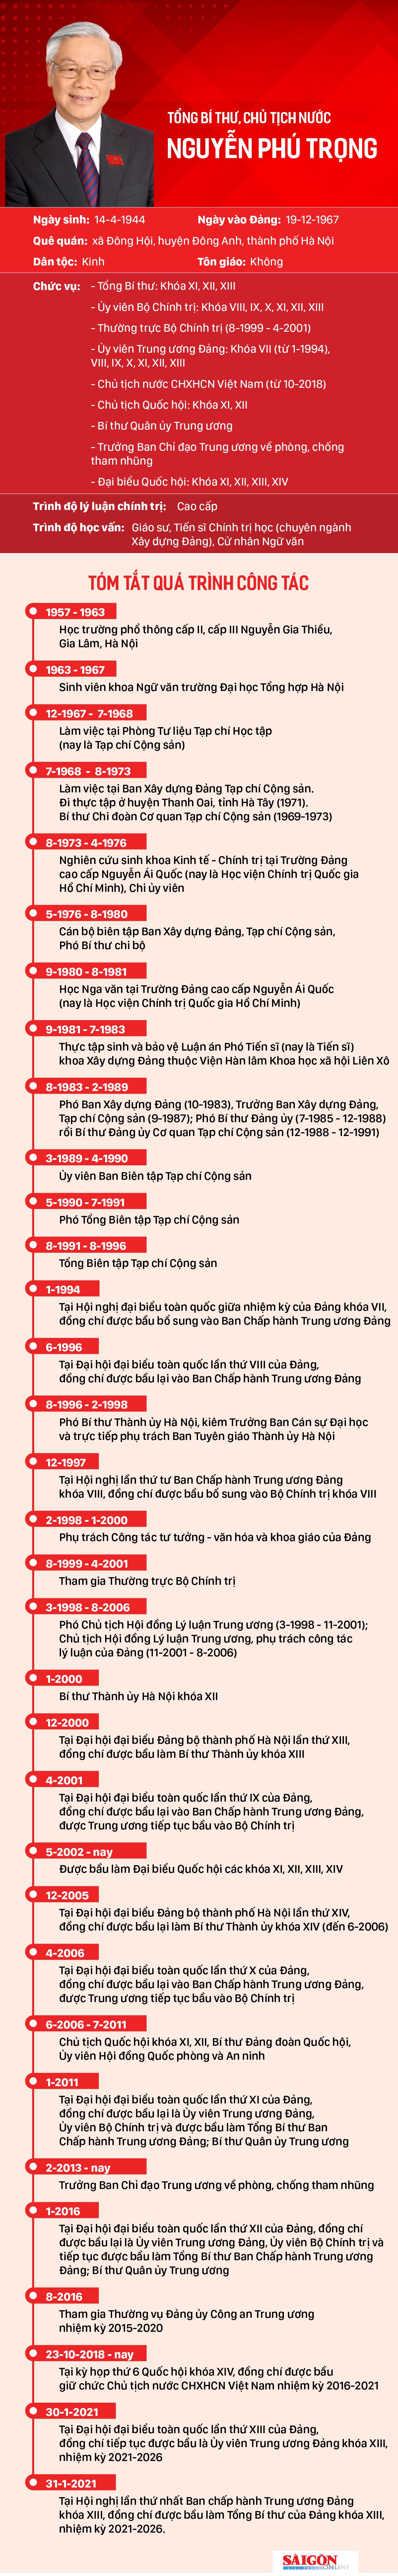 Đồng chí Nguyễn Phú Trọng được tín nhiệm bầu làm Tổng Bí thư ảnh 2